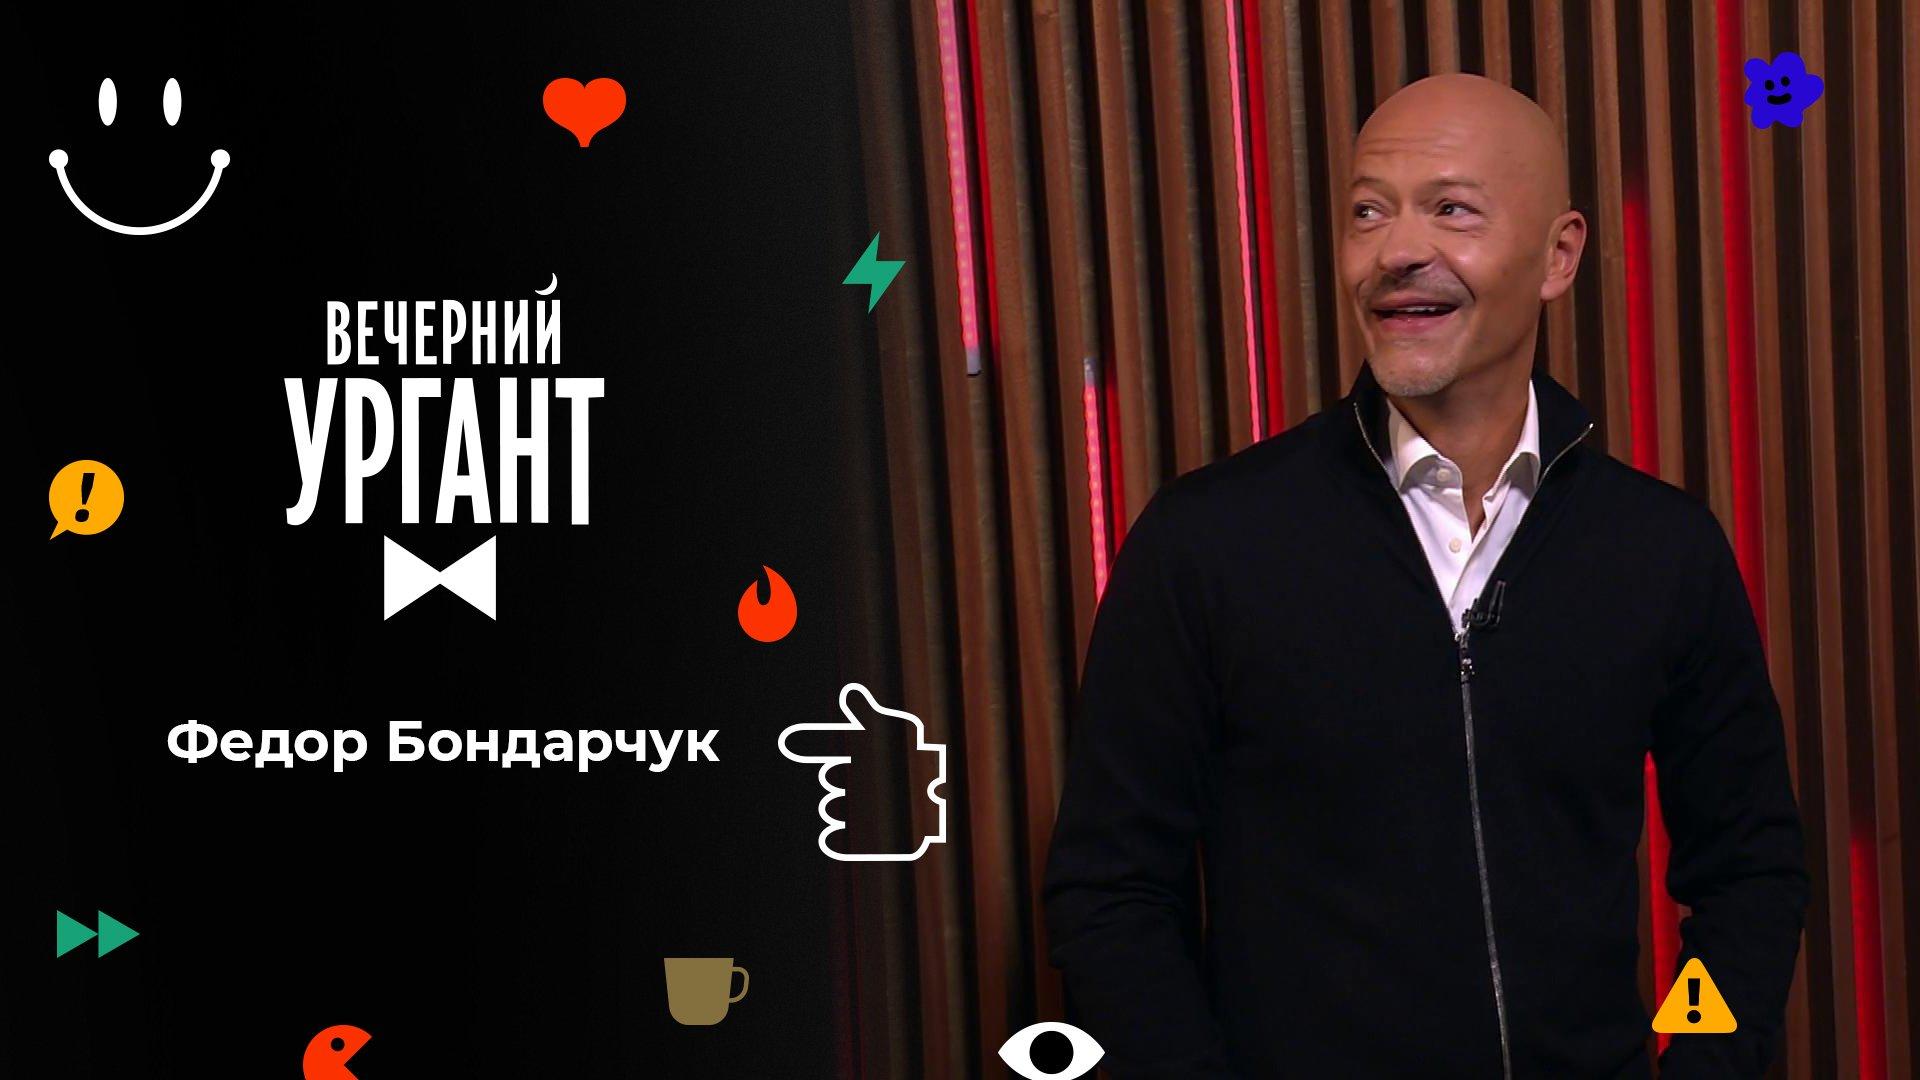 «Вечерний Ургант». Федор Бондарчук